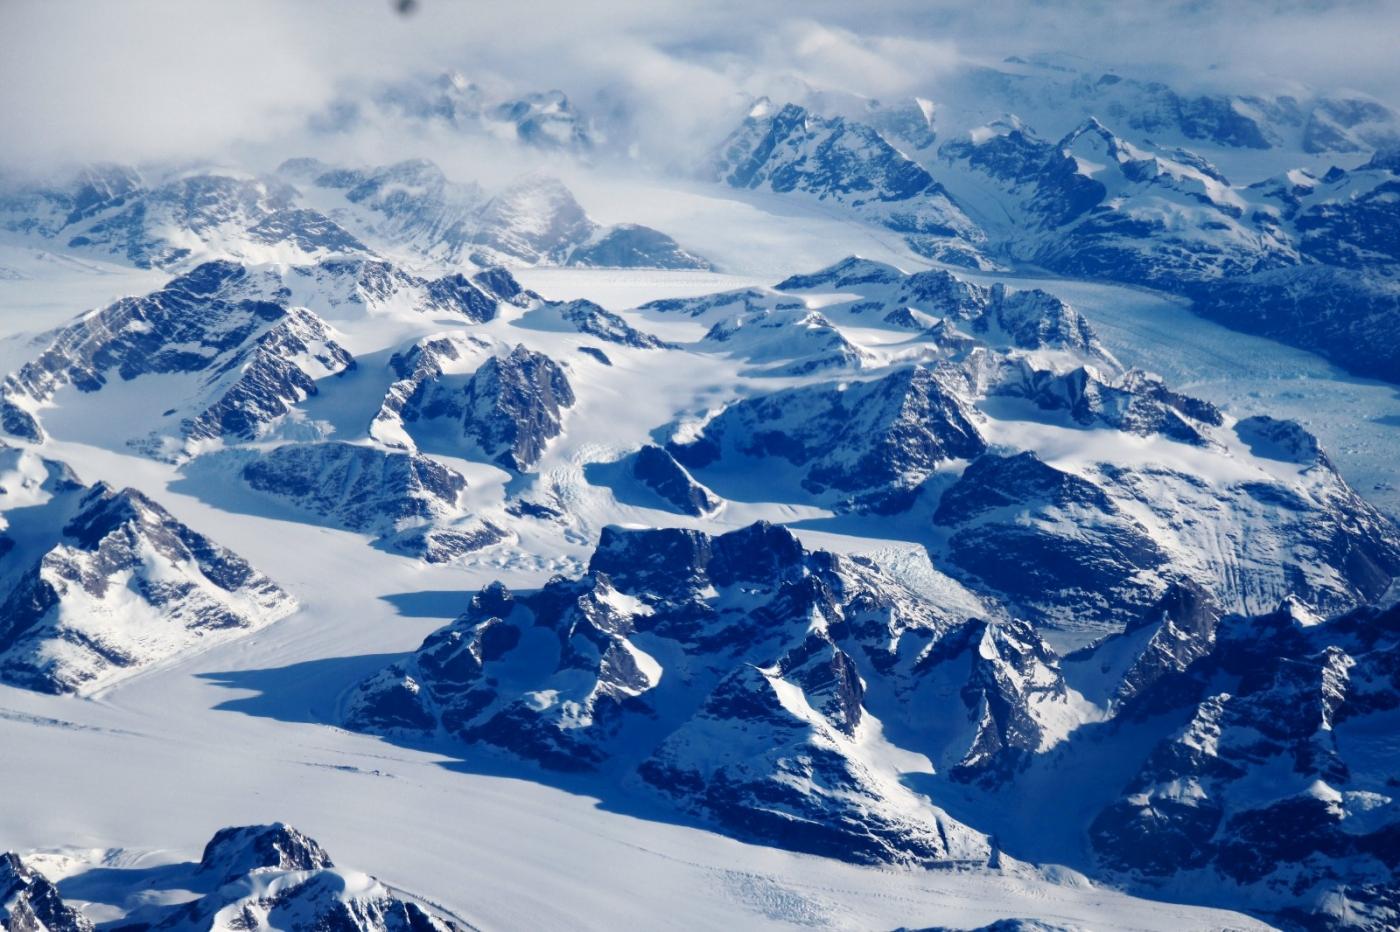 从纽约乘wow班机赴冰岛旅游,从班机的窗口看到:白云翻滚,赏心悦目,堪比黄山之云海 ..._图1-4